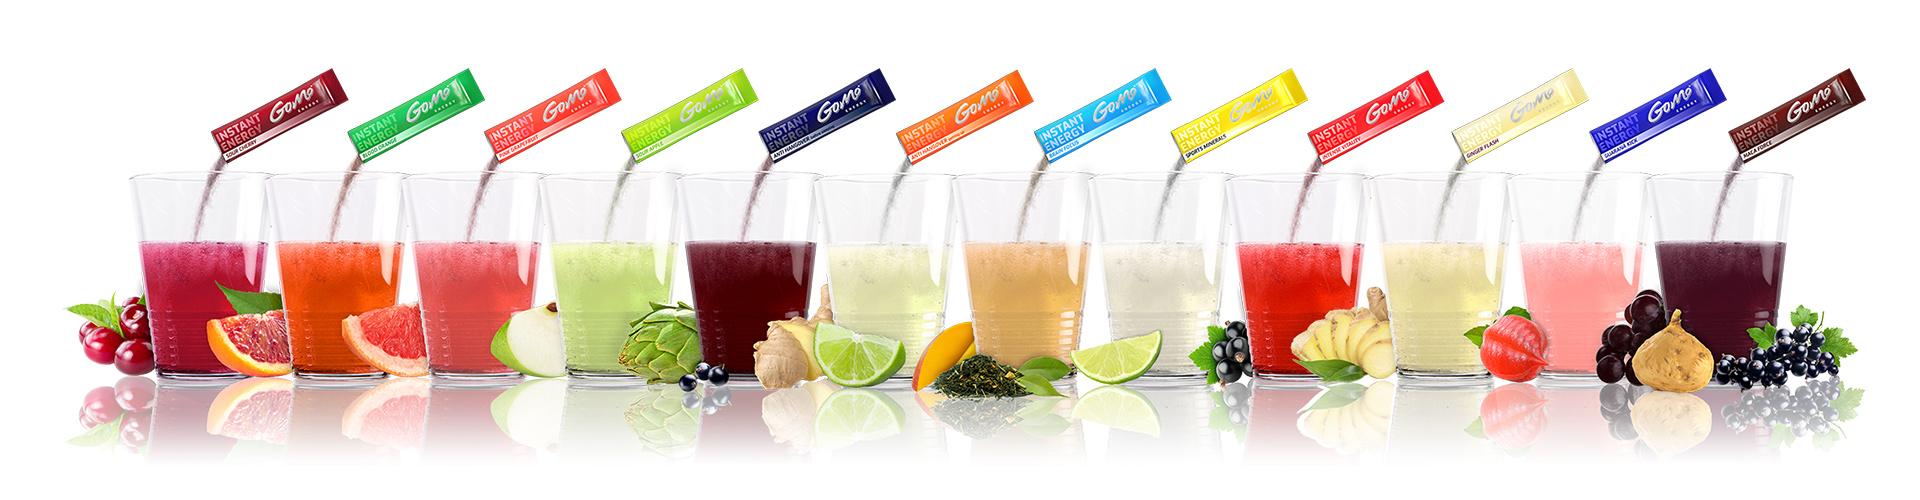 GoMo ENERGY gegen Müdikgkeit low carb zuckerfrei sportgetränk konzentration focus mehr ausdauer mehr kraft Energie Getränk Energy Drink Vitaldrink Fitness